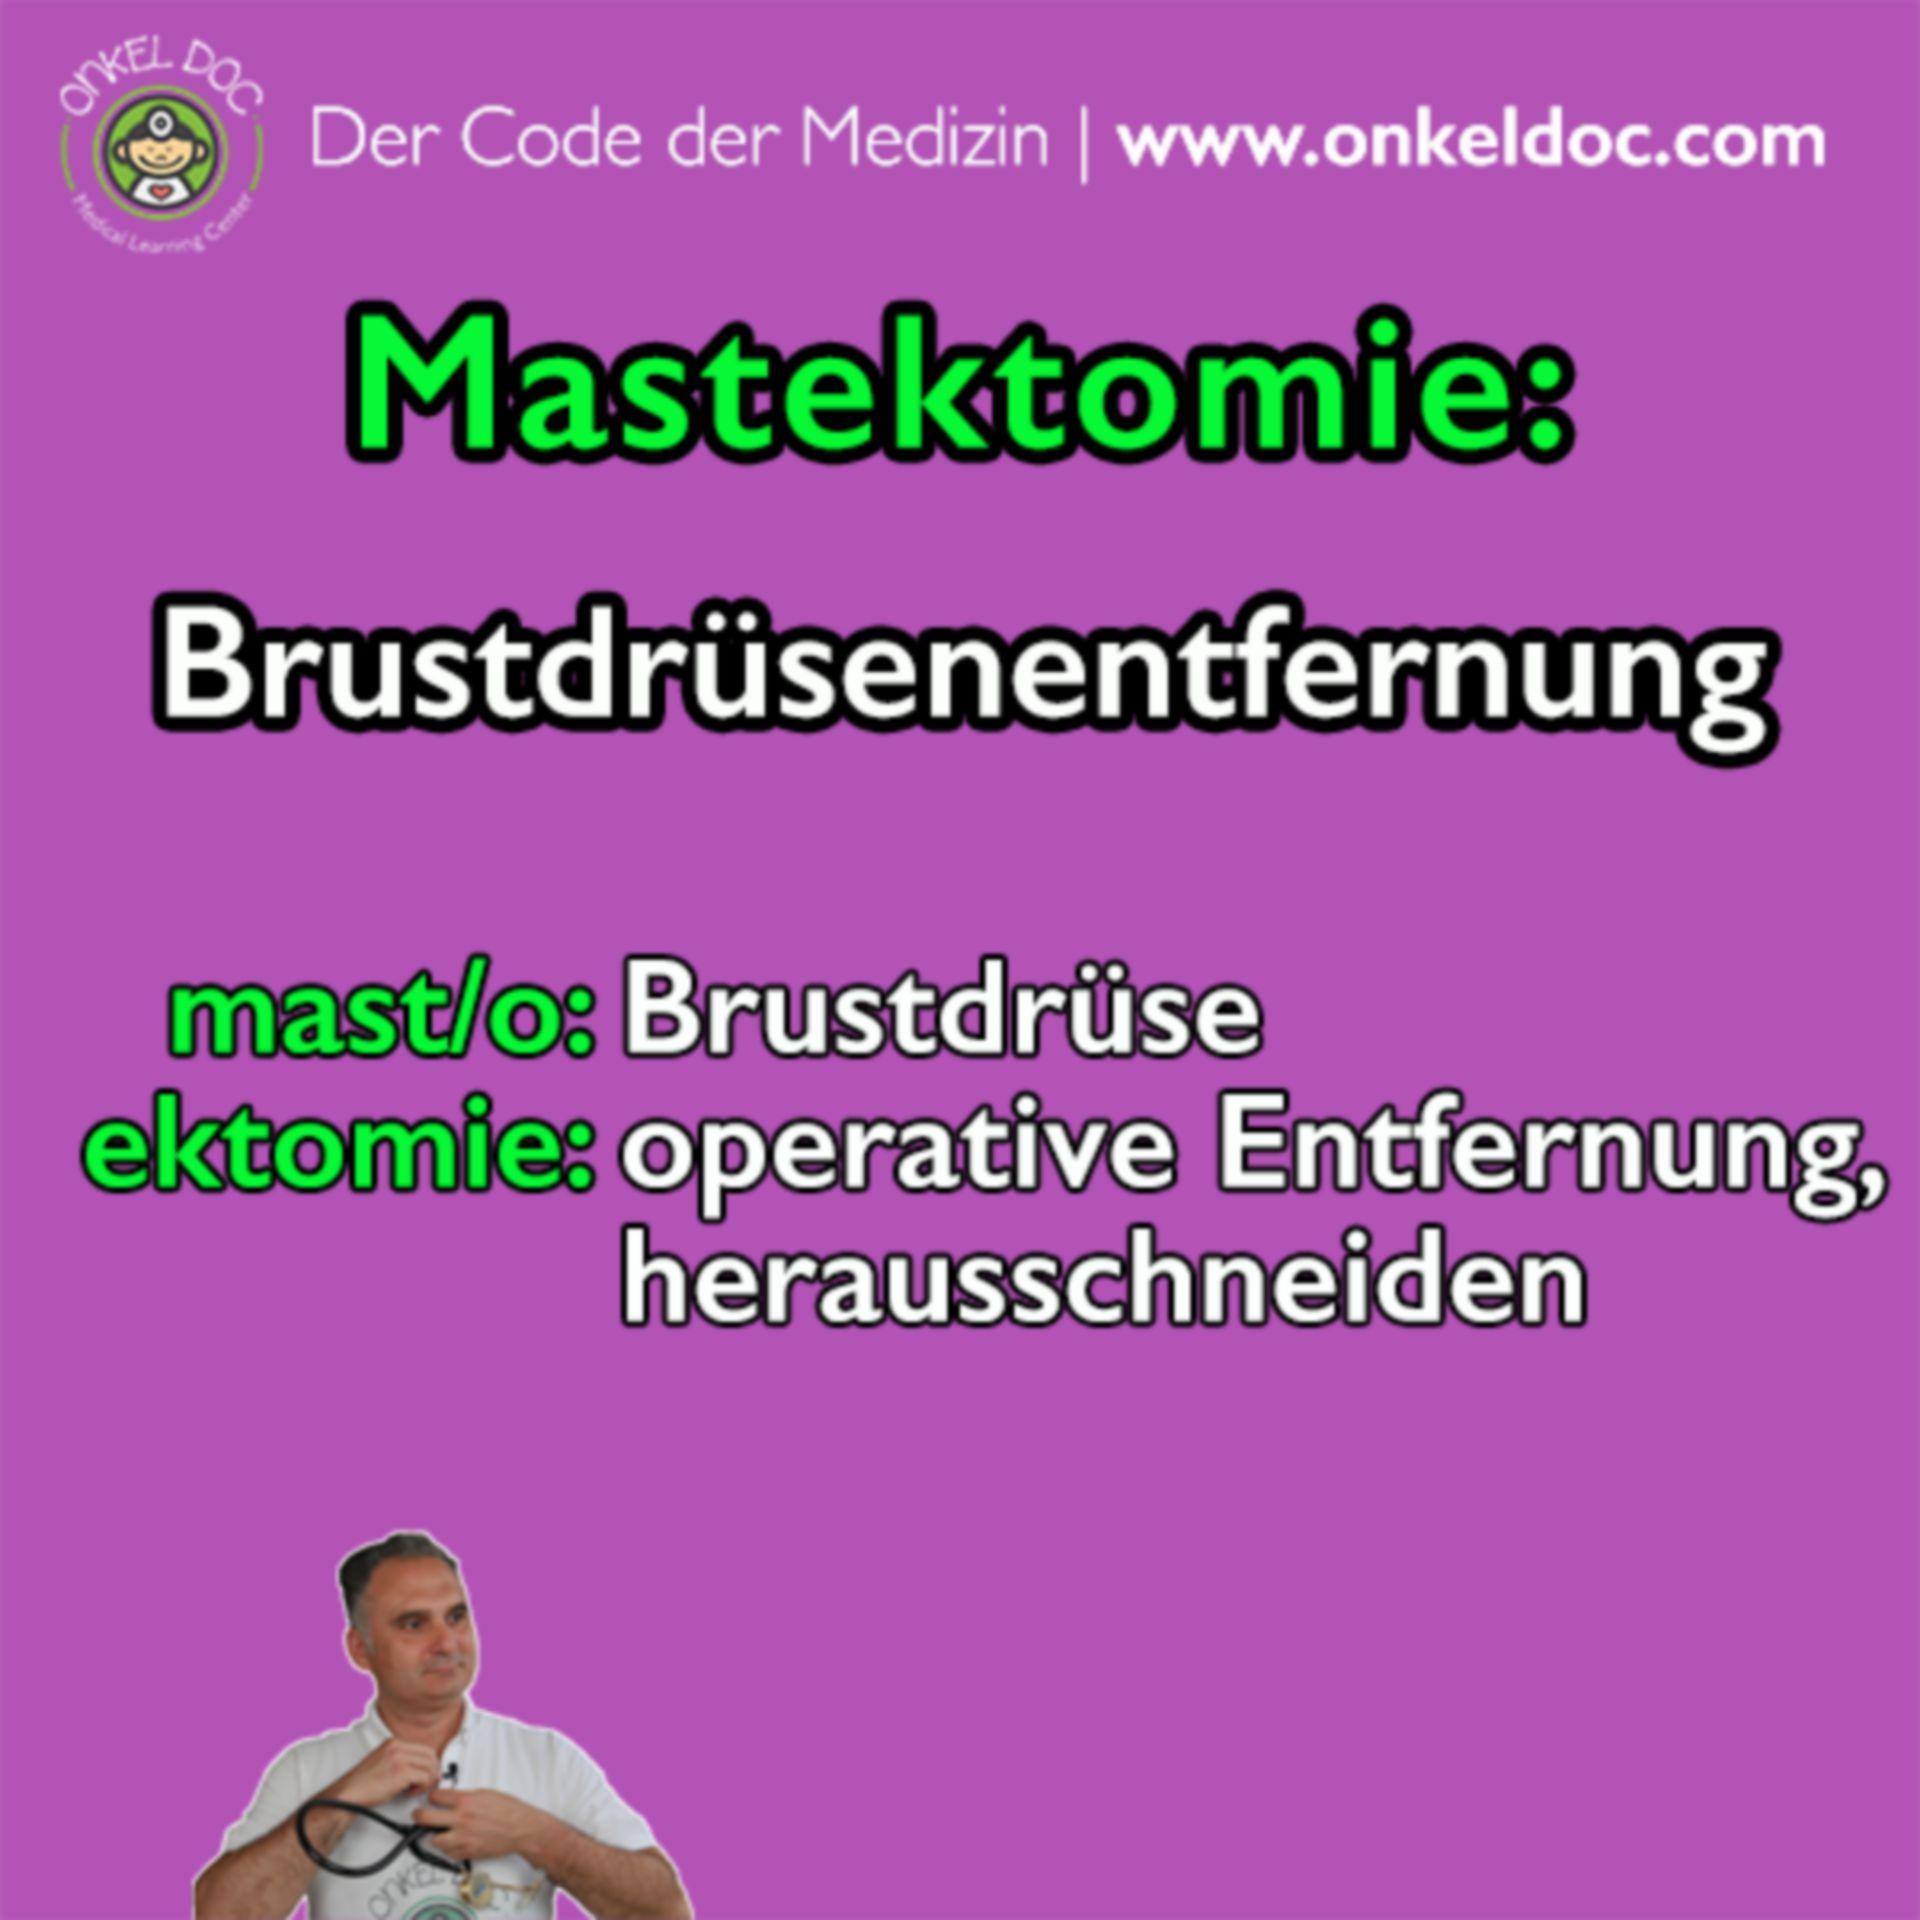 Der Code der Mastektomie